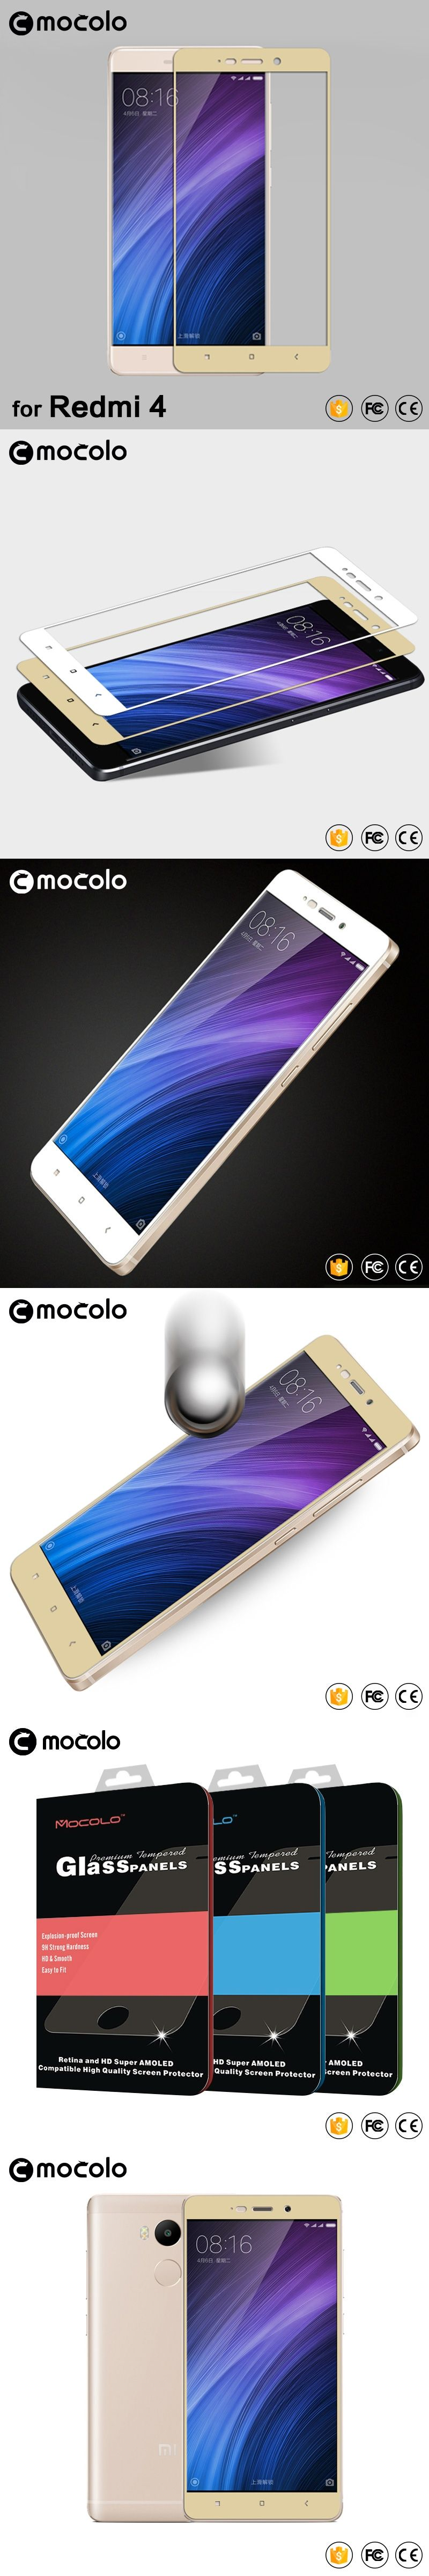 Mocolo xiaomi redmi 4 pro glass tempered 2 5D full cover tempered glass Xiaomi Redmi 4